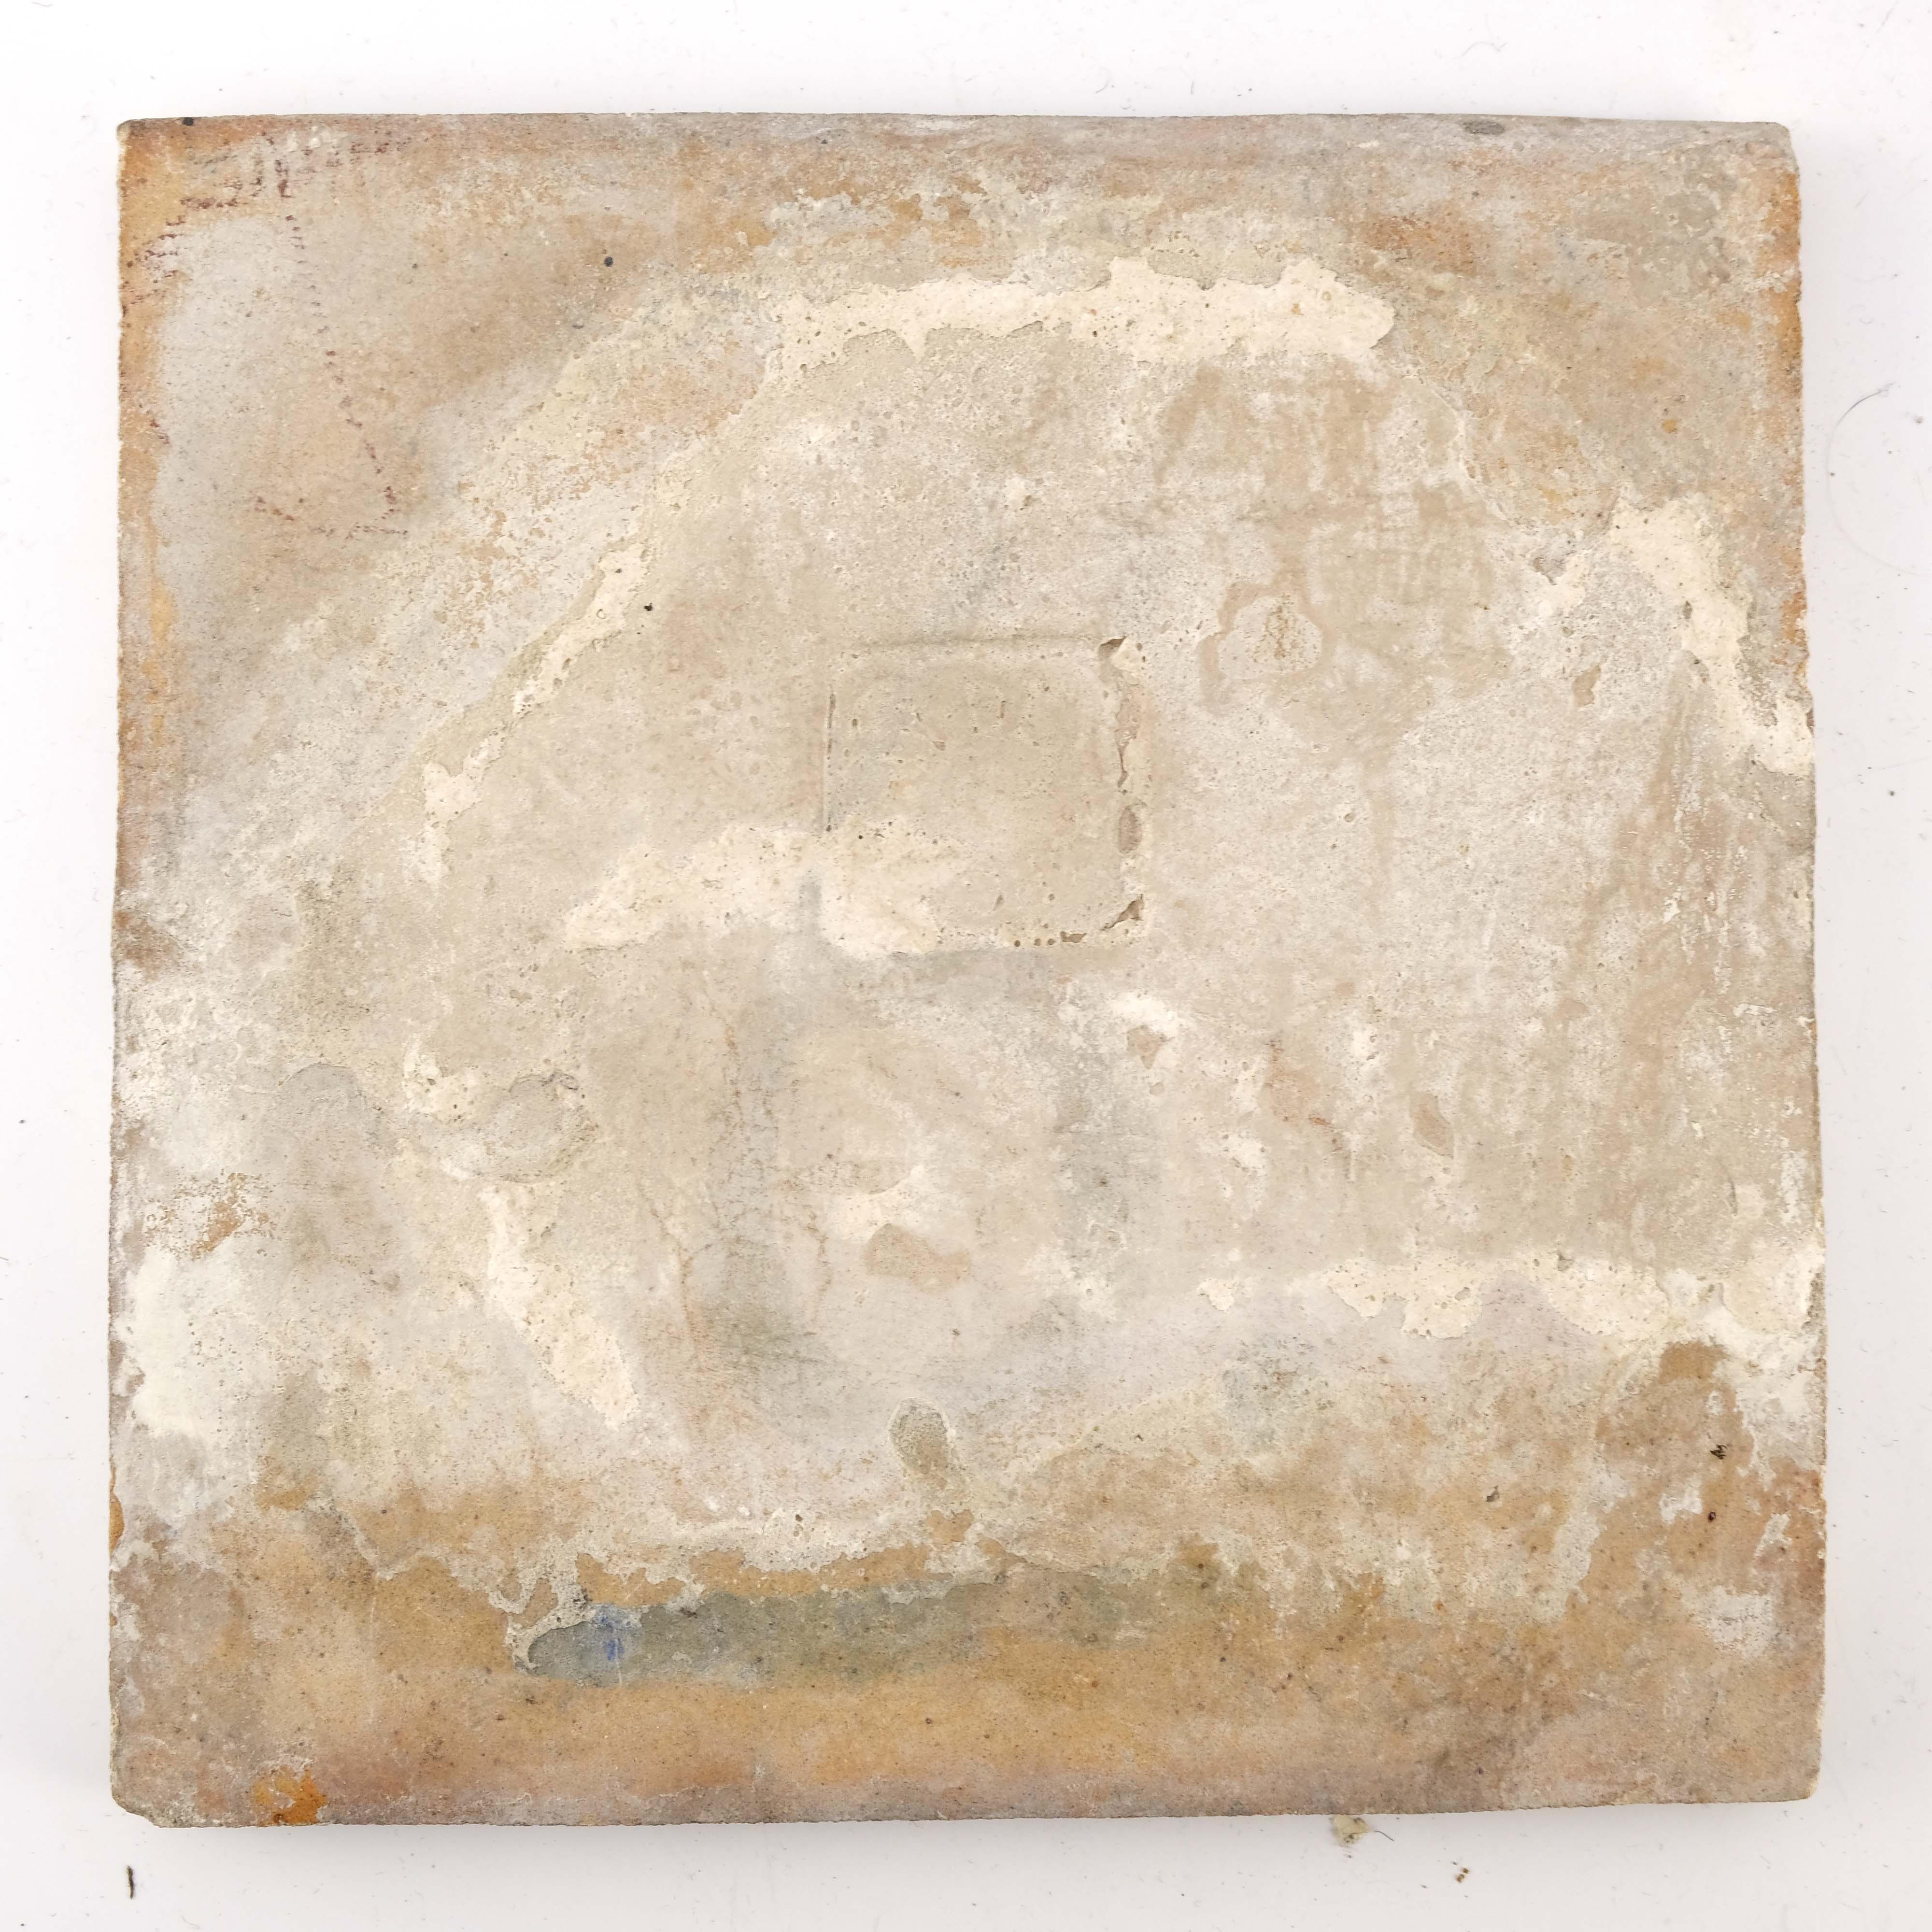 William De Morgan, a large Fan tile - Image 4 of 4